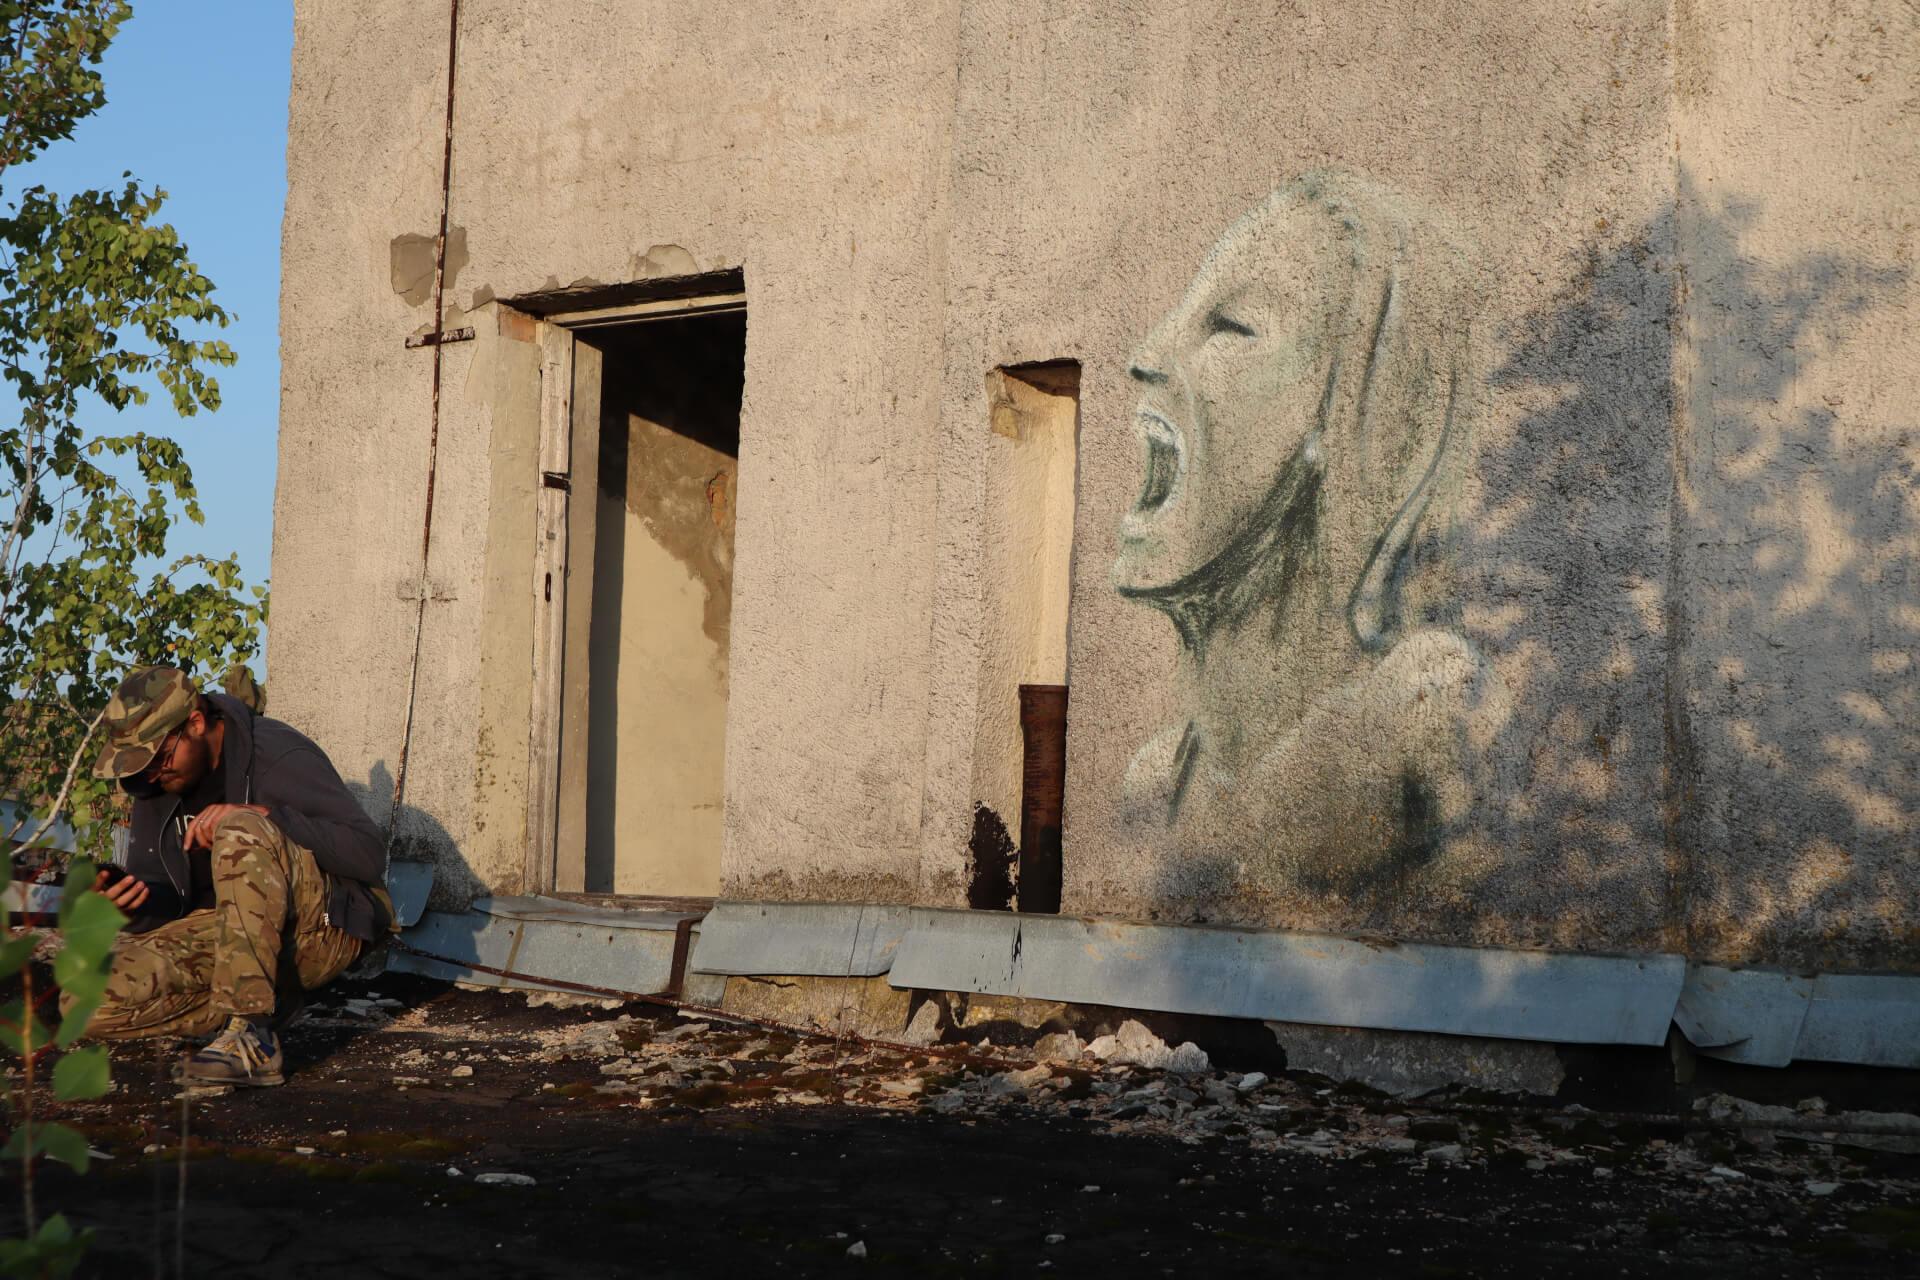 Chernobyl photoshoot